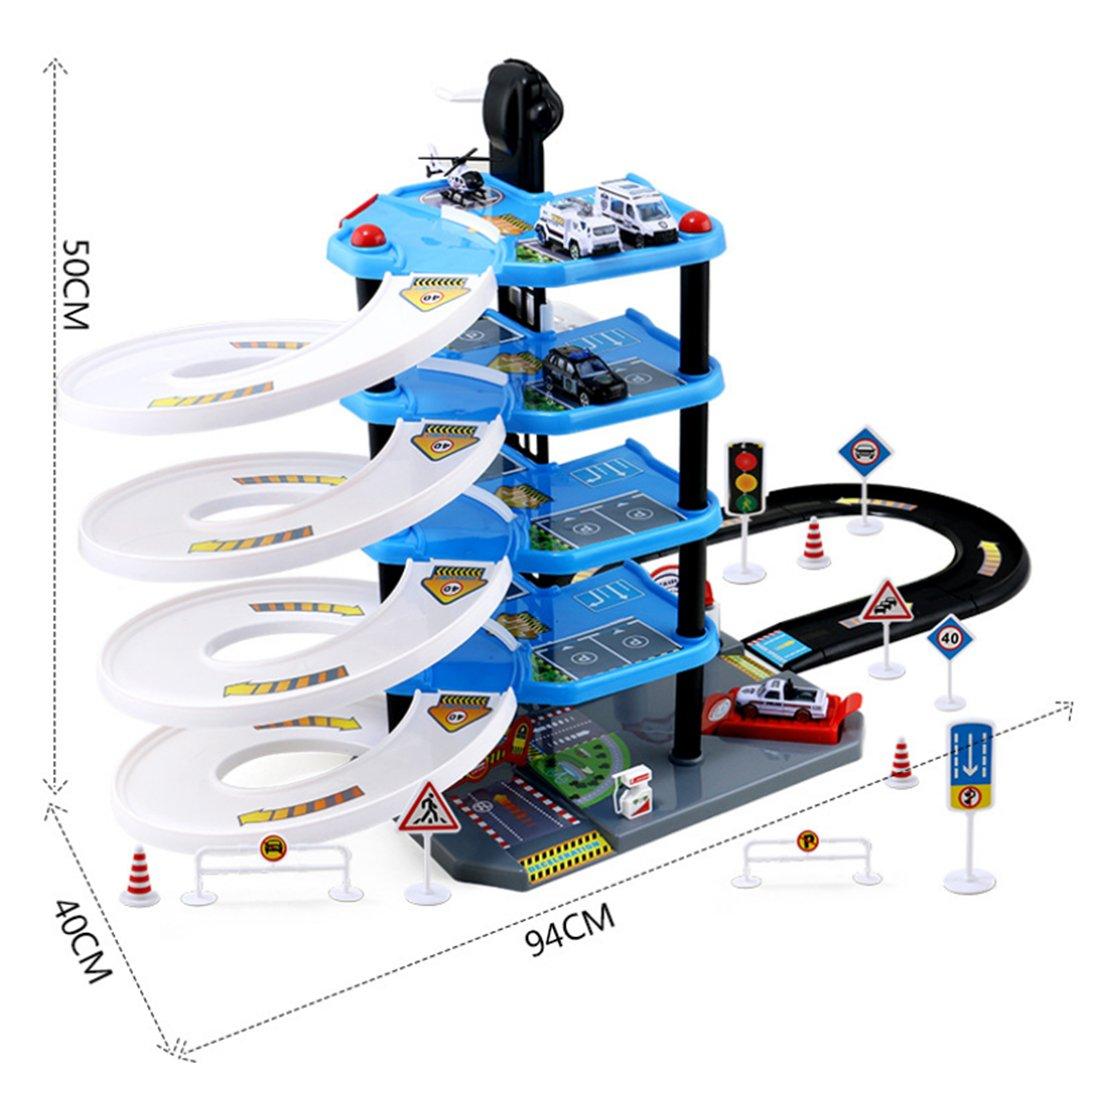 Foxom Parkgarage f/ür Kinder Autogarage Spielzeug f/ür Kinder ab 3 Jahren 5 Ebenen Parkhaus Parkgarage mit 4 Spielzeugautos und 1 Helikopter